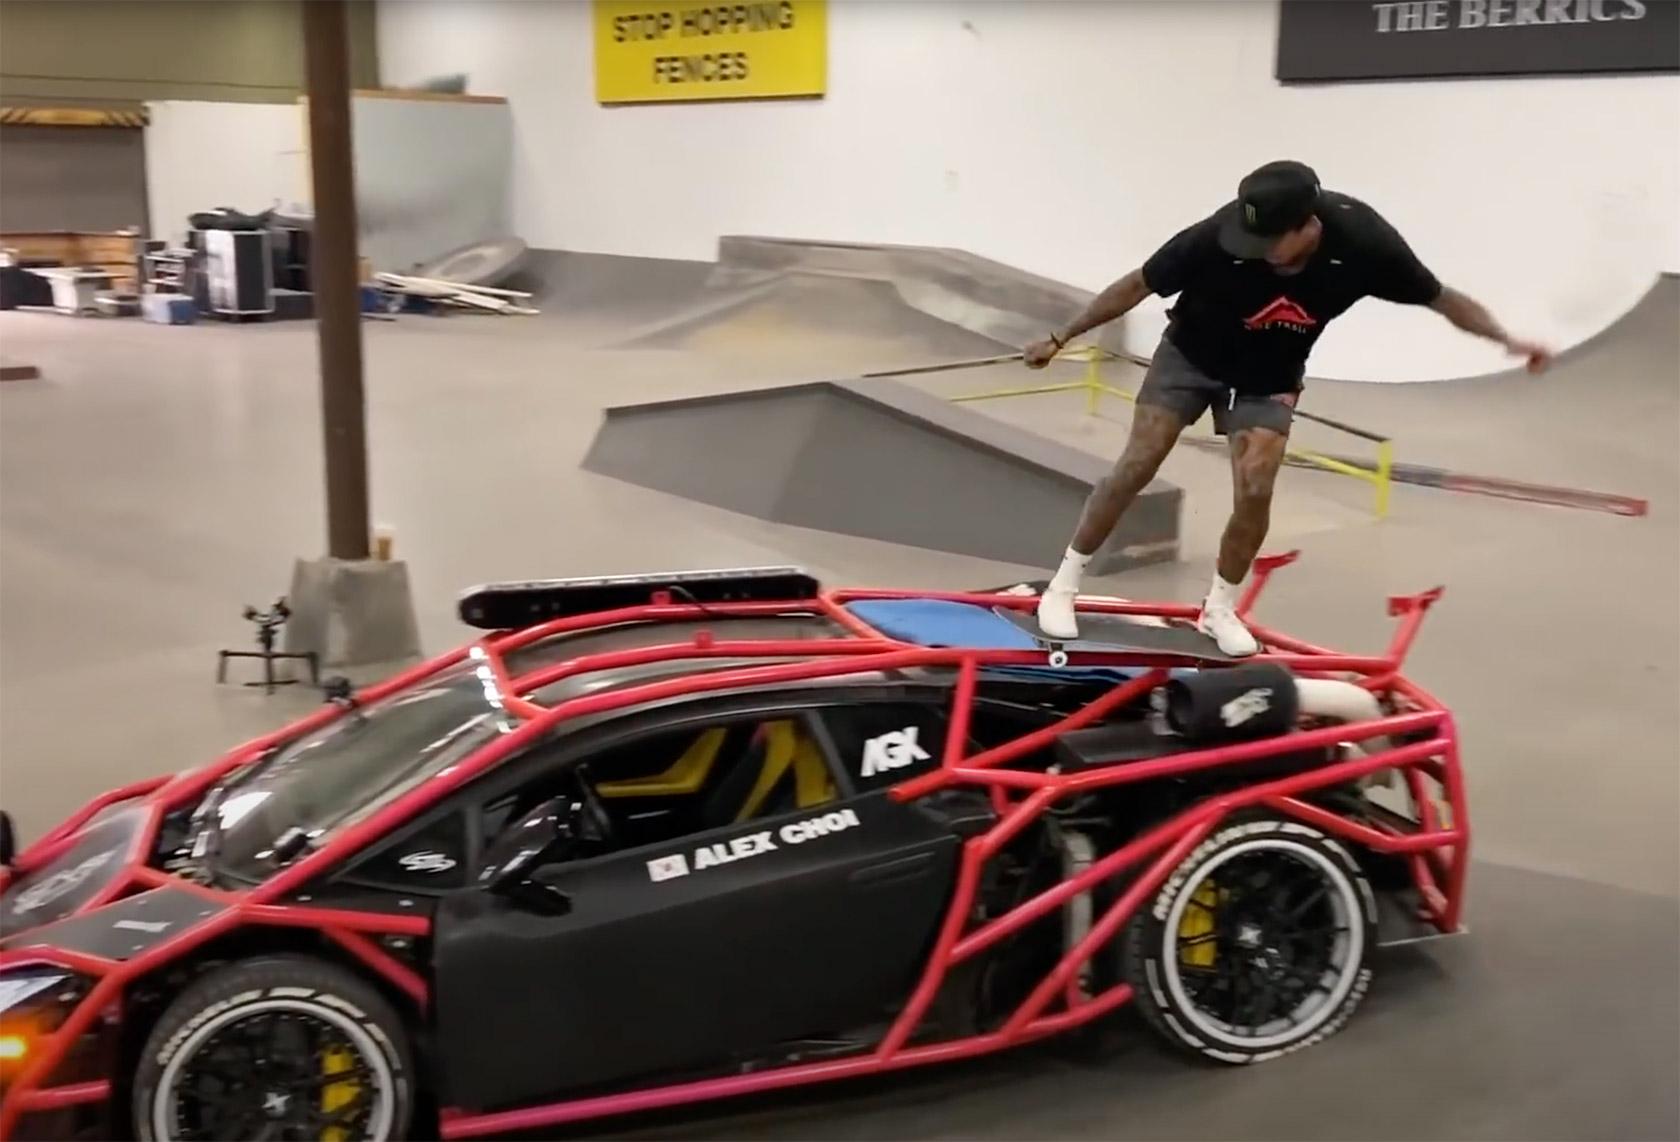 Nyjah Huston Skates Lamborghini